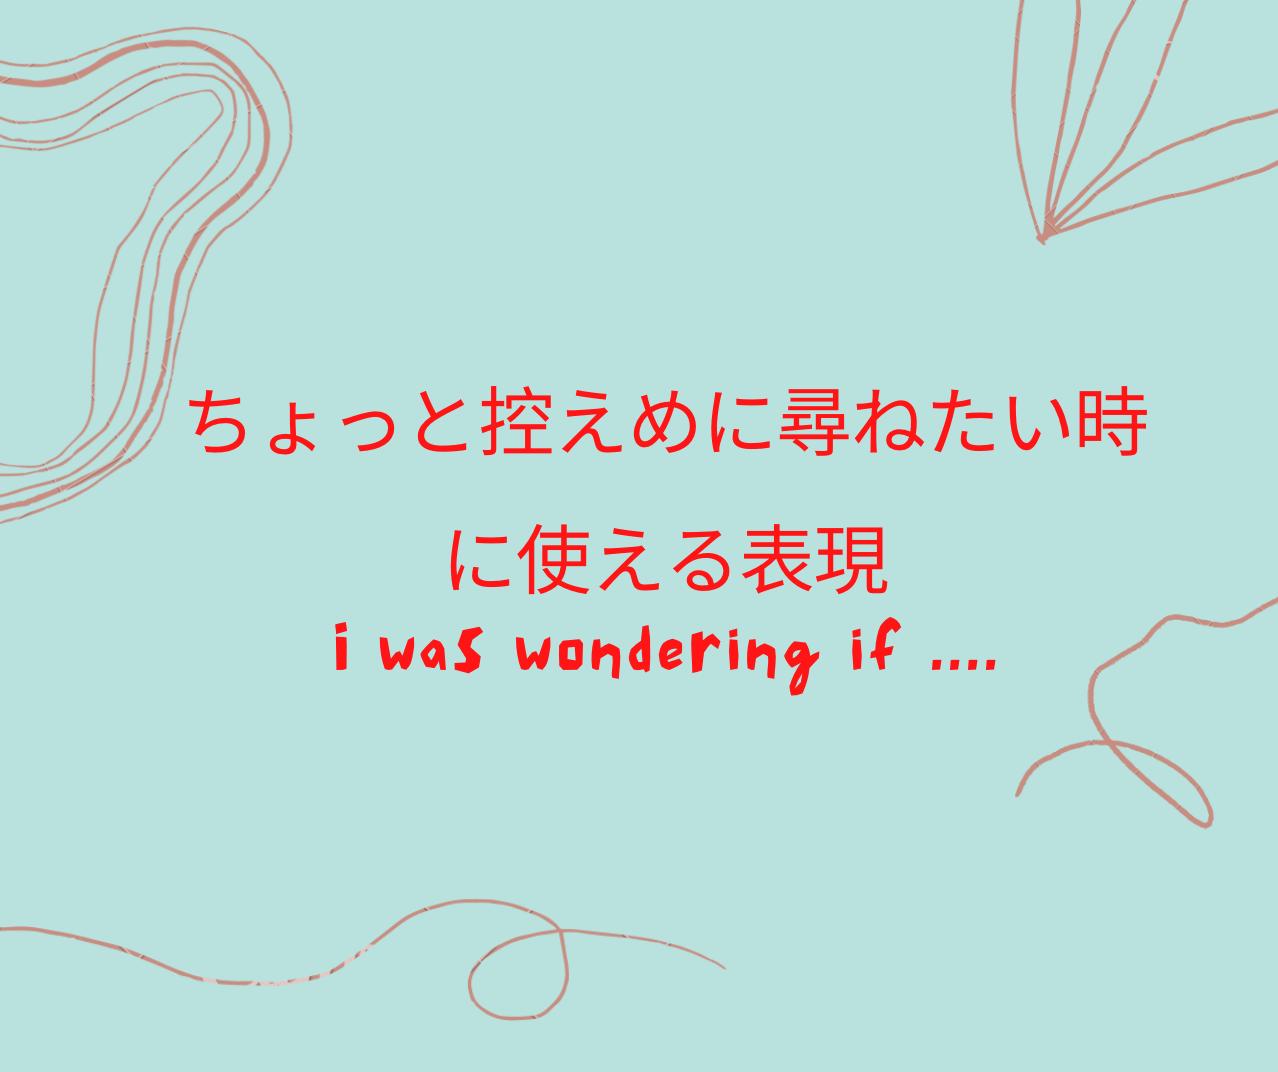 ちょっと控えめに尋ねたい時に使える表現 I was wondering if~?